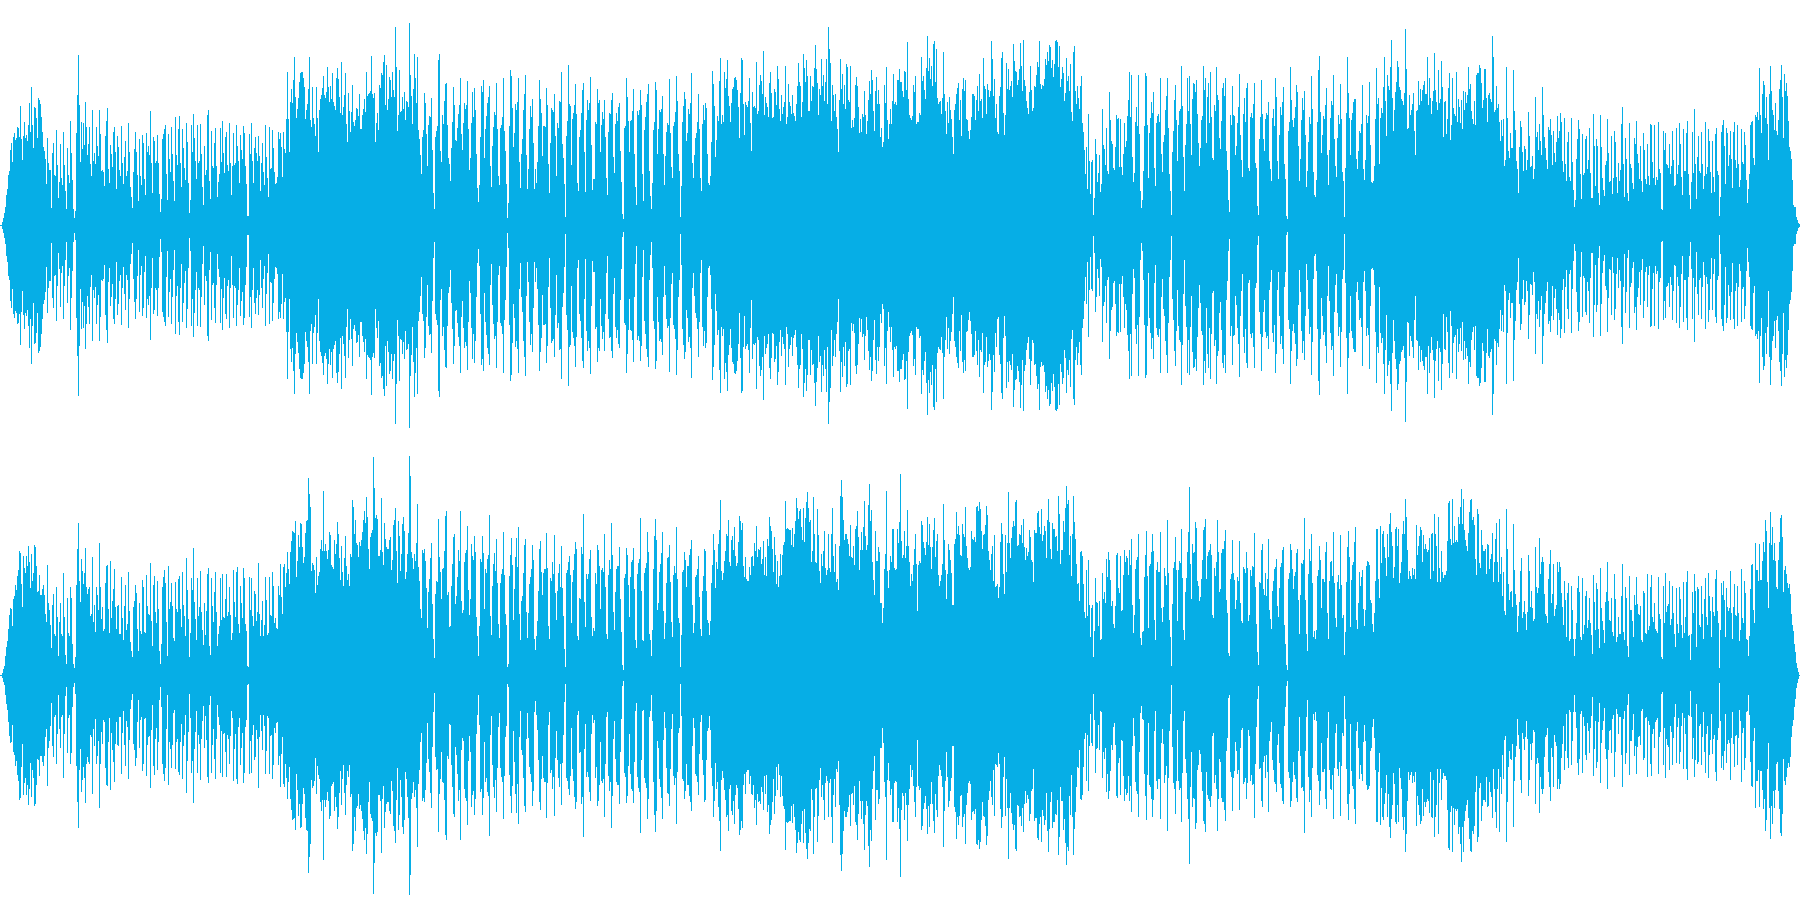 女声ボーカル 英詞 エレクトロニカの再生済みの波形